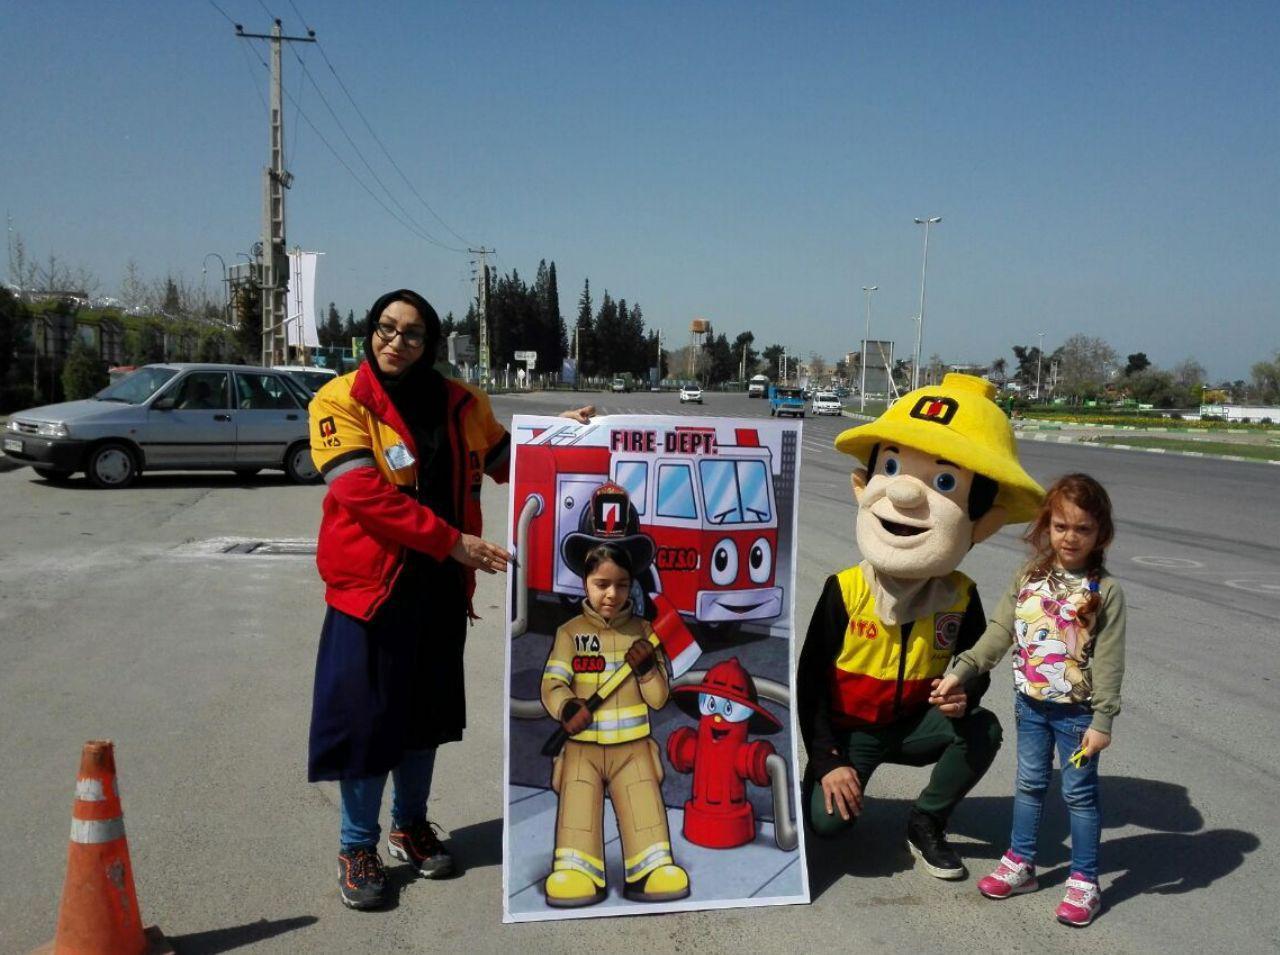 سازمان آتش نشانی و آموزش به کودکان